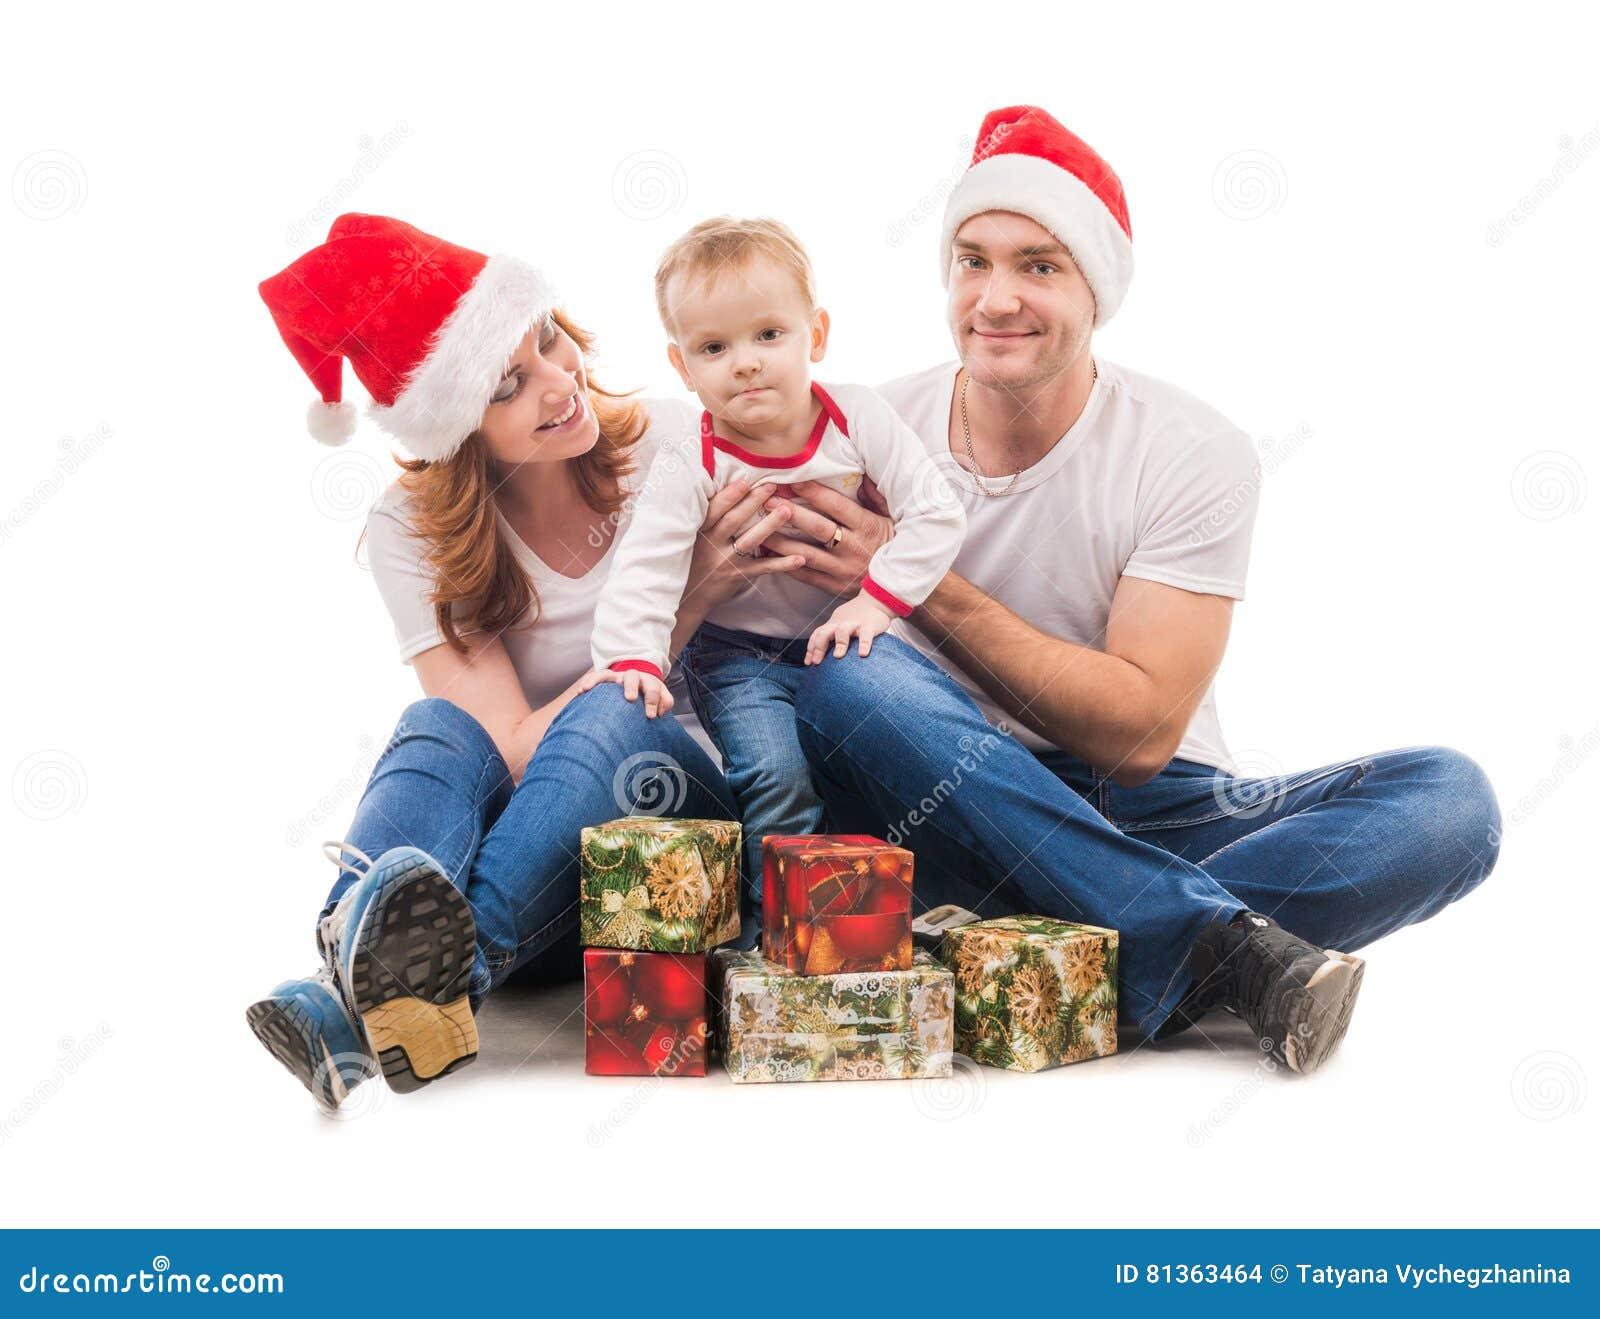 Junge Paare Mit Kleinem Jungen Und Geschenke Auf Dem Boden